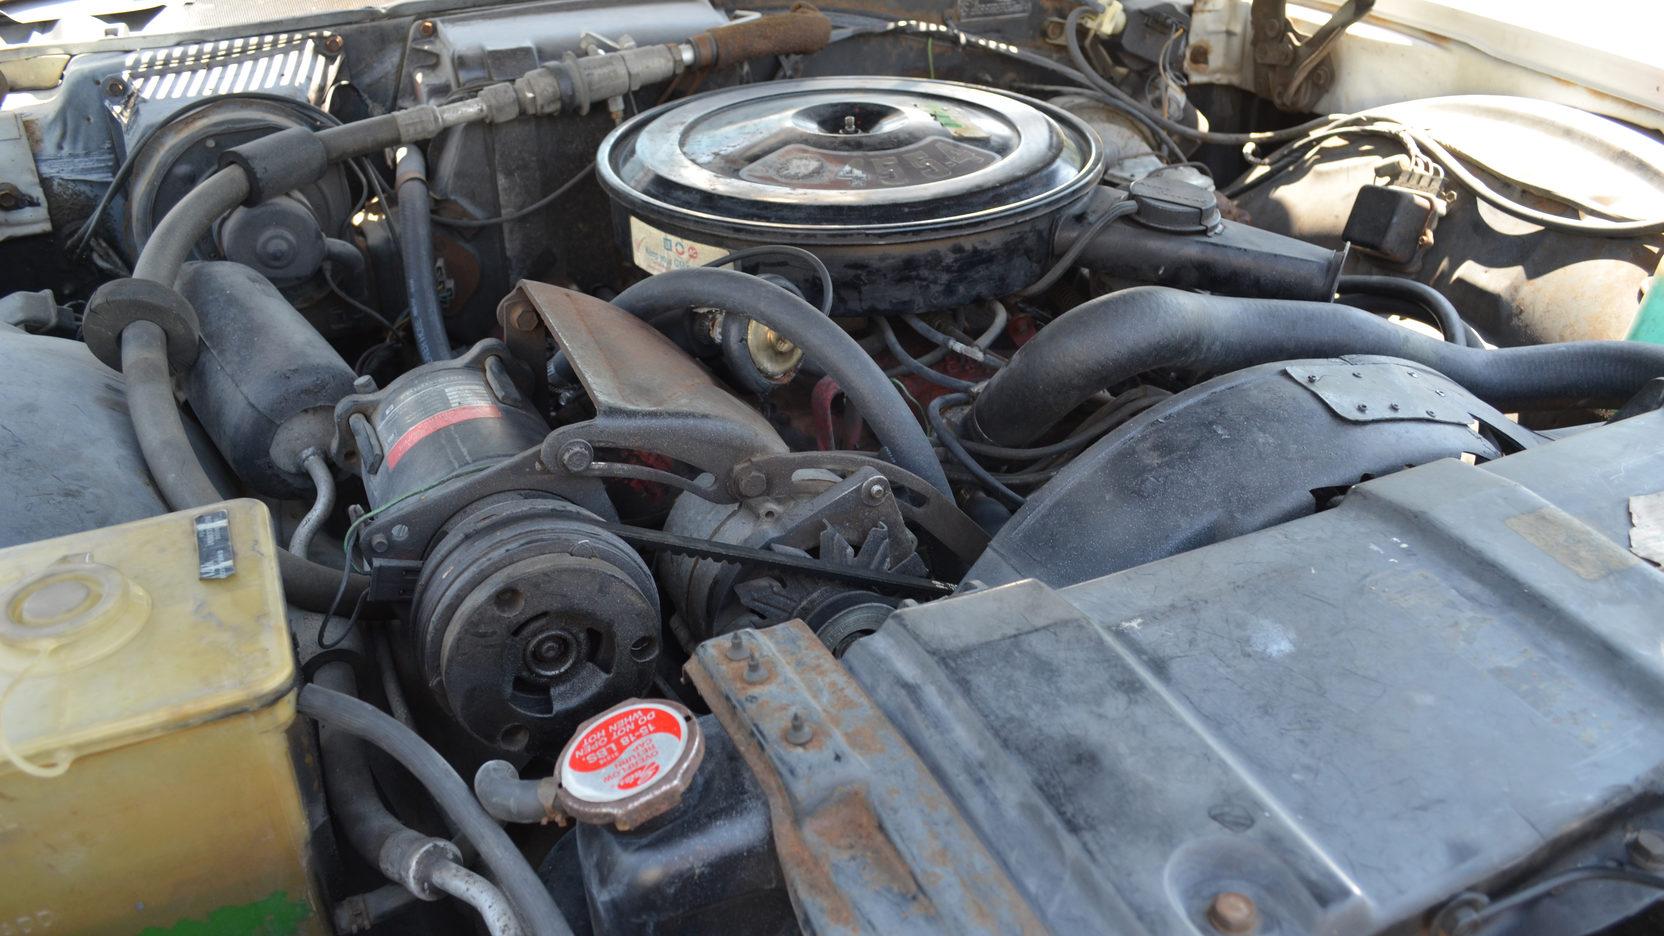 1970 Buick Wildcat engine